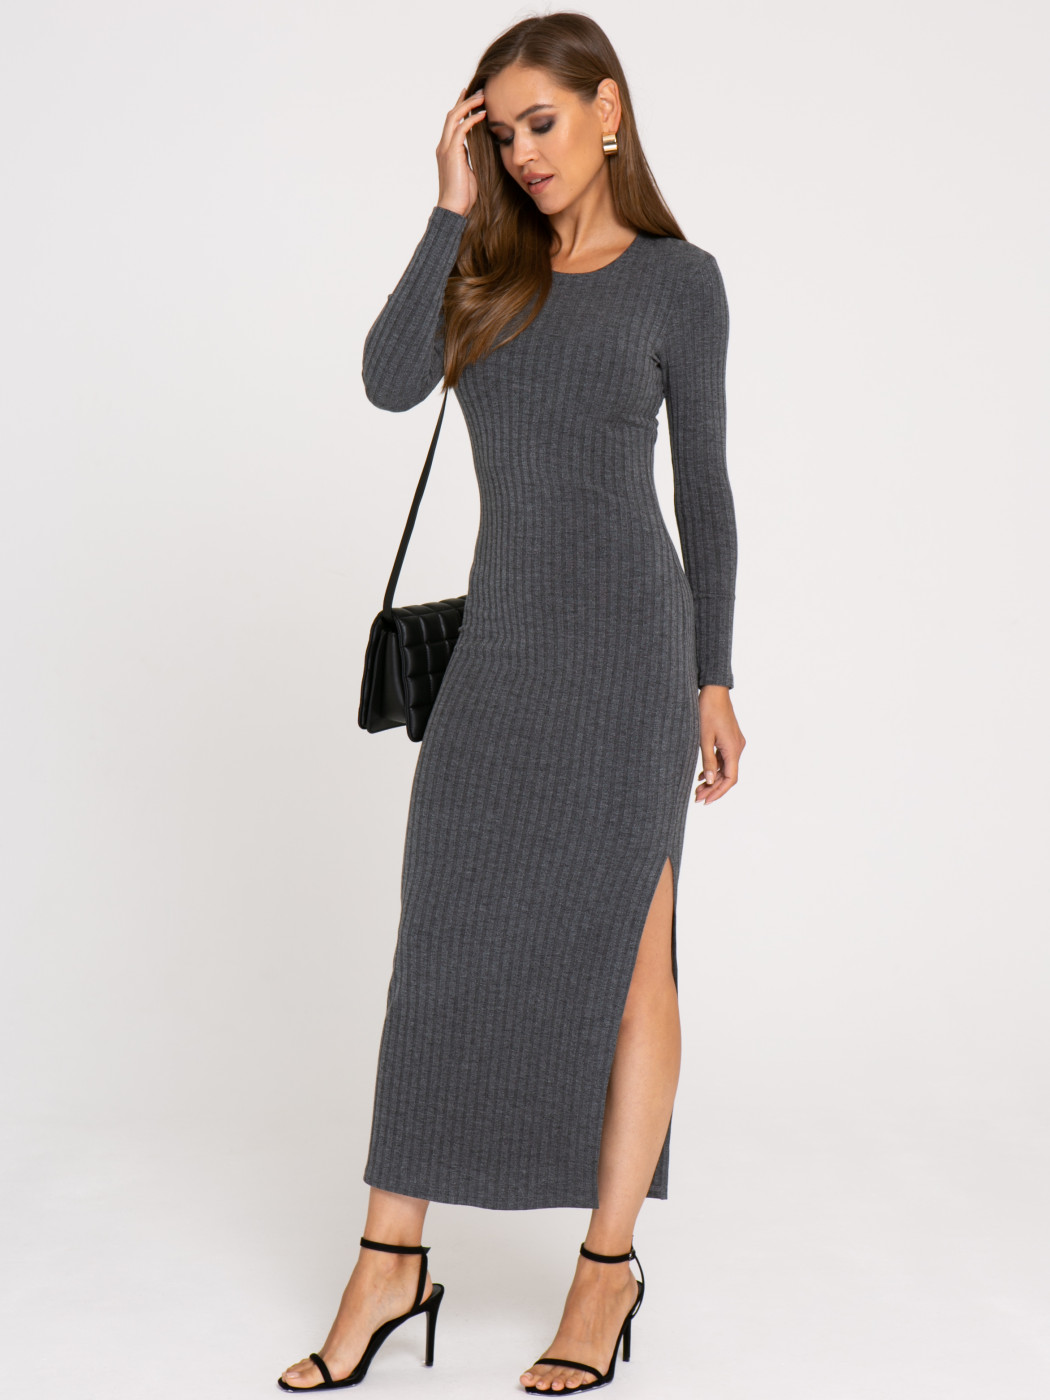 Платье А406 цвет: серый-меланж